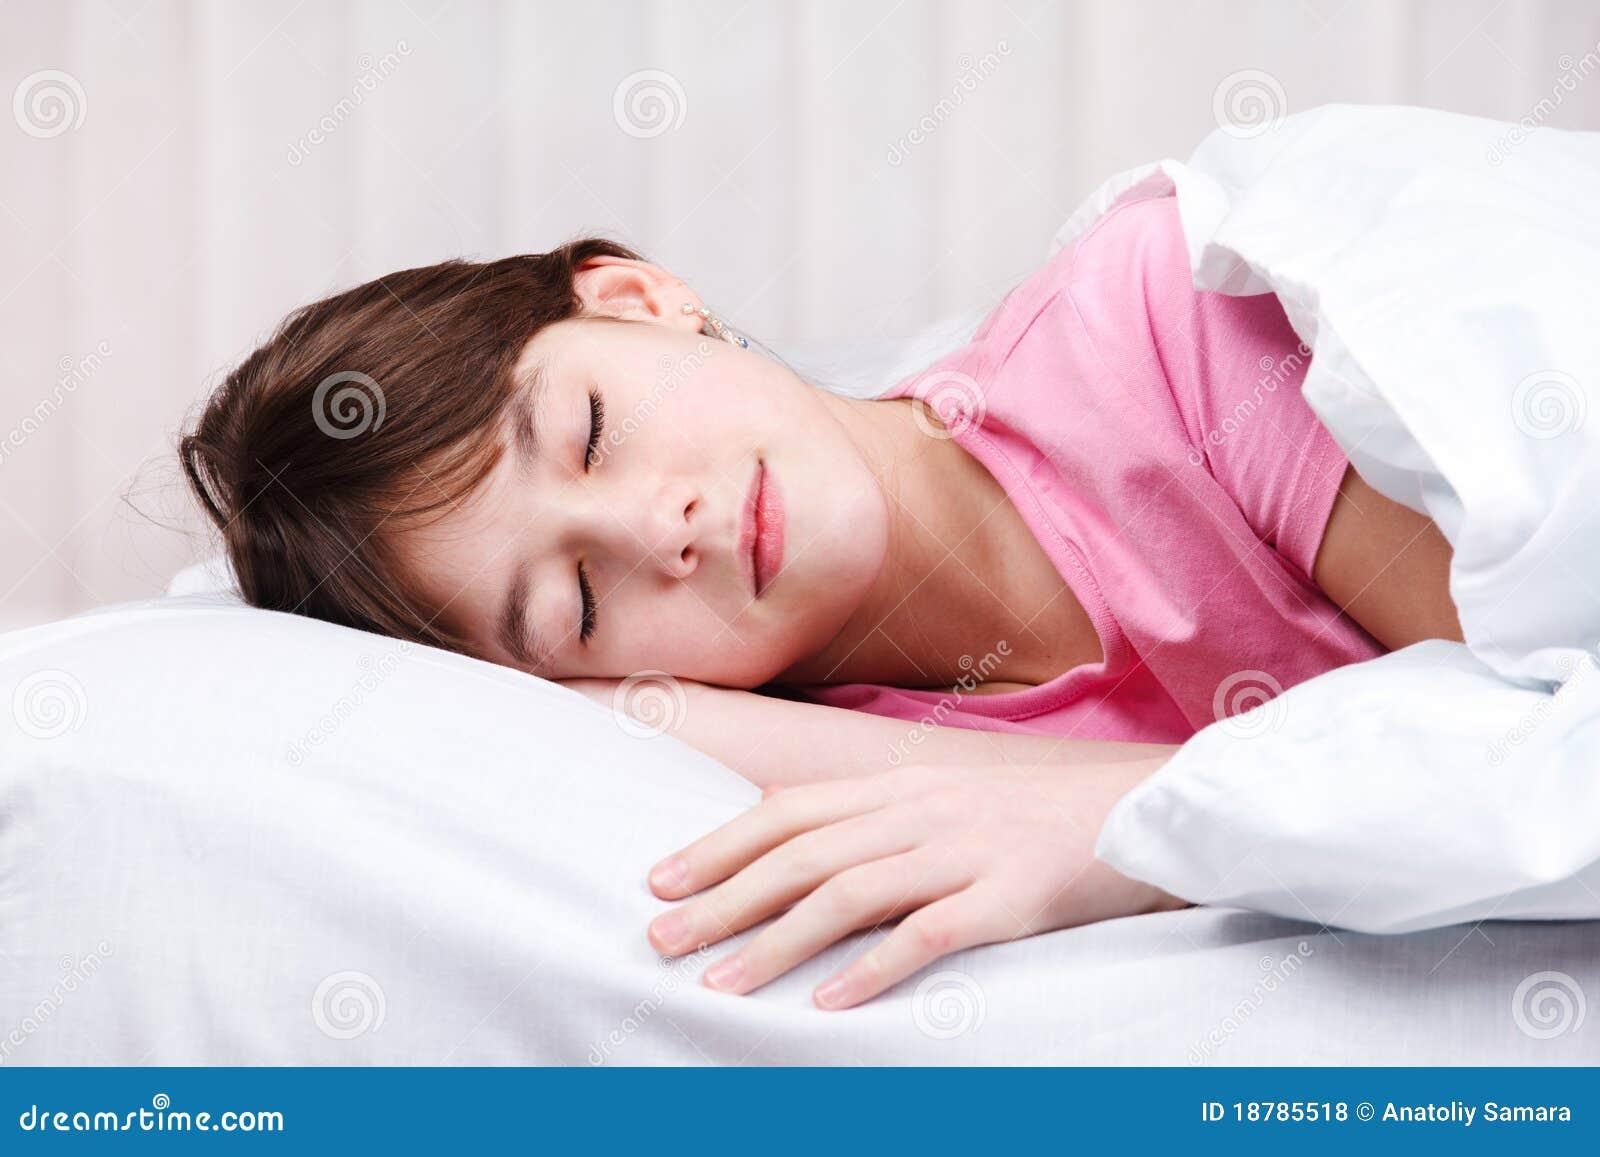 teen with sleeping girl